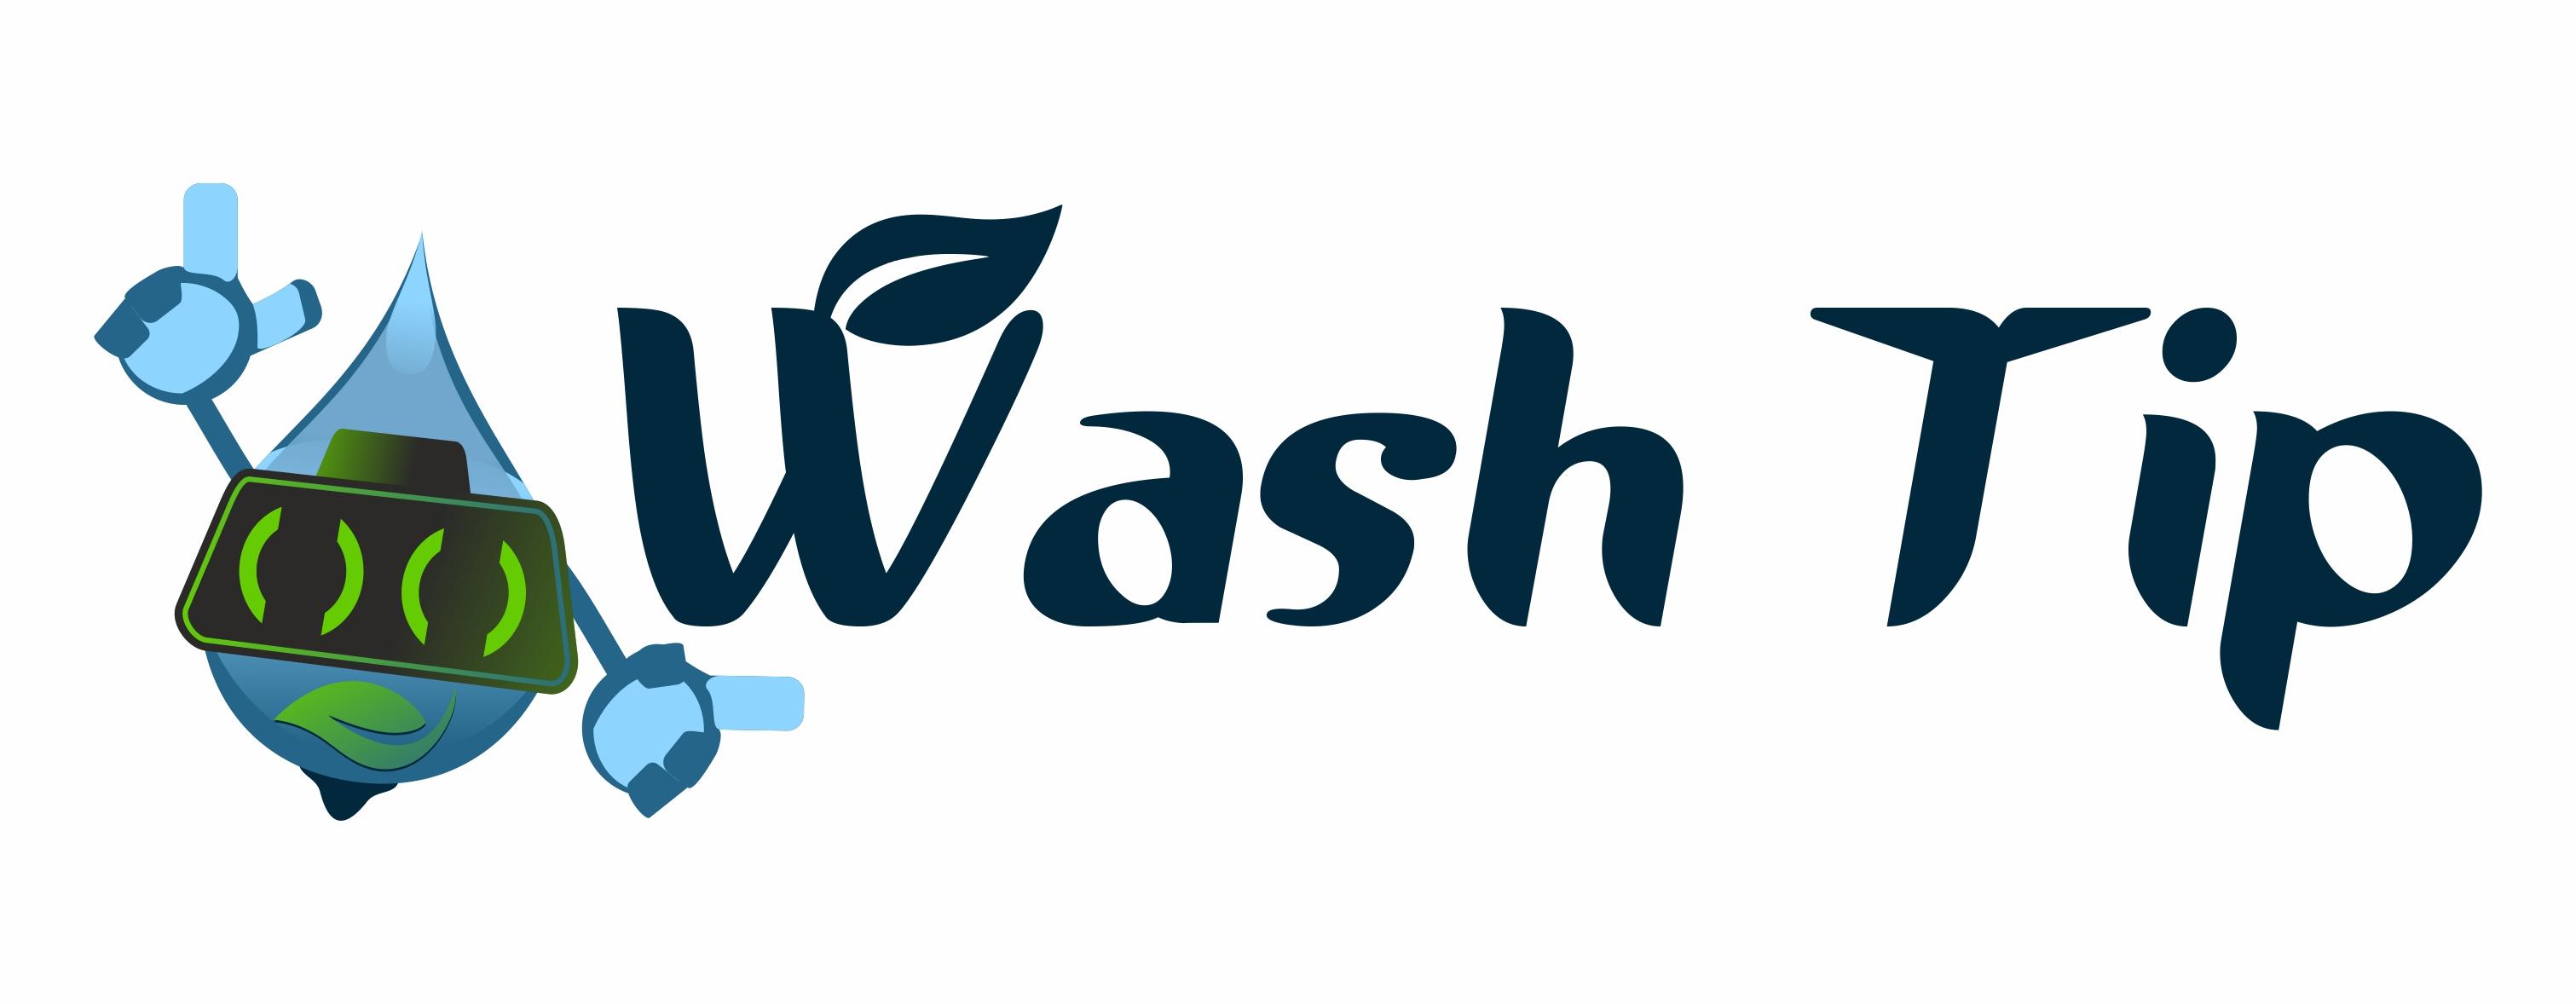 Разработка логотипа для онлайн-сервиса химчистки фото f_6735c0570072f6a7.jpg